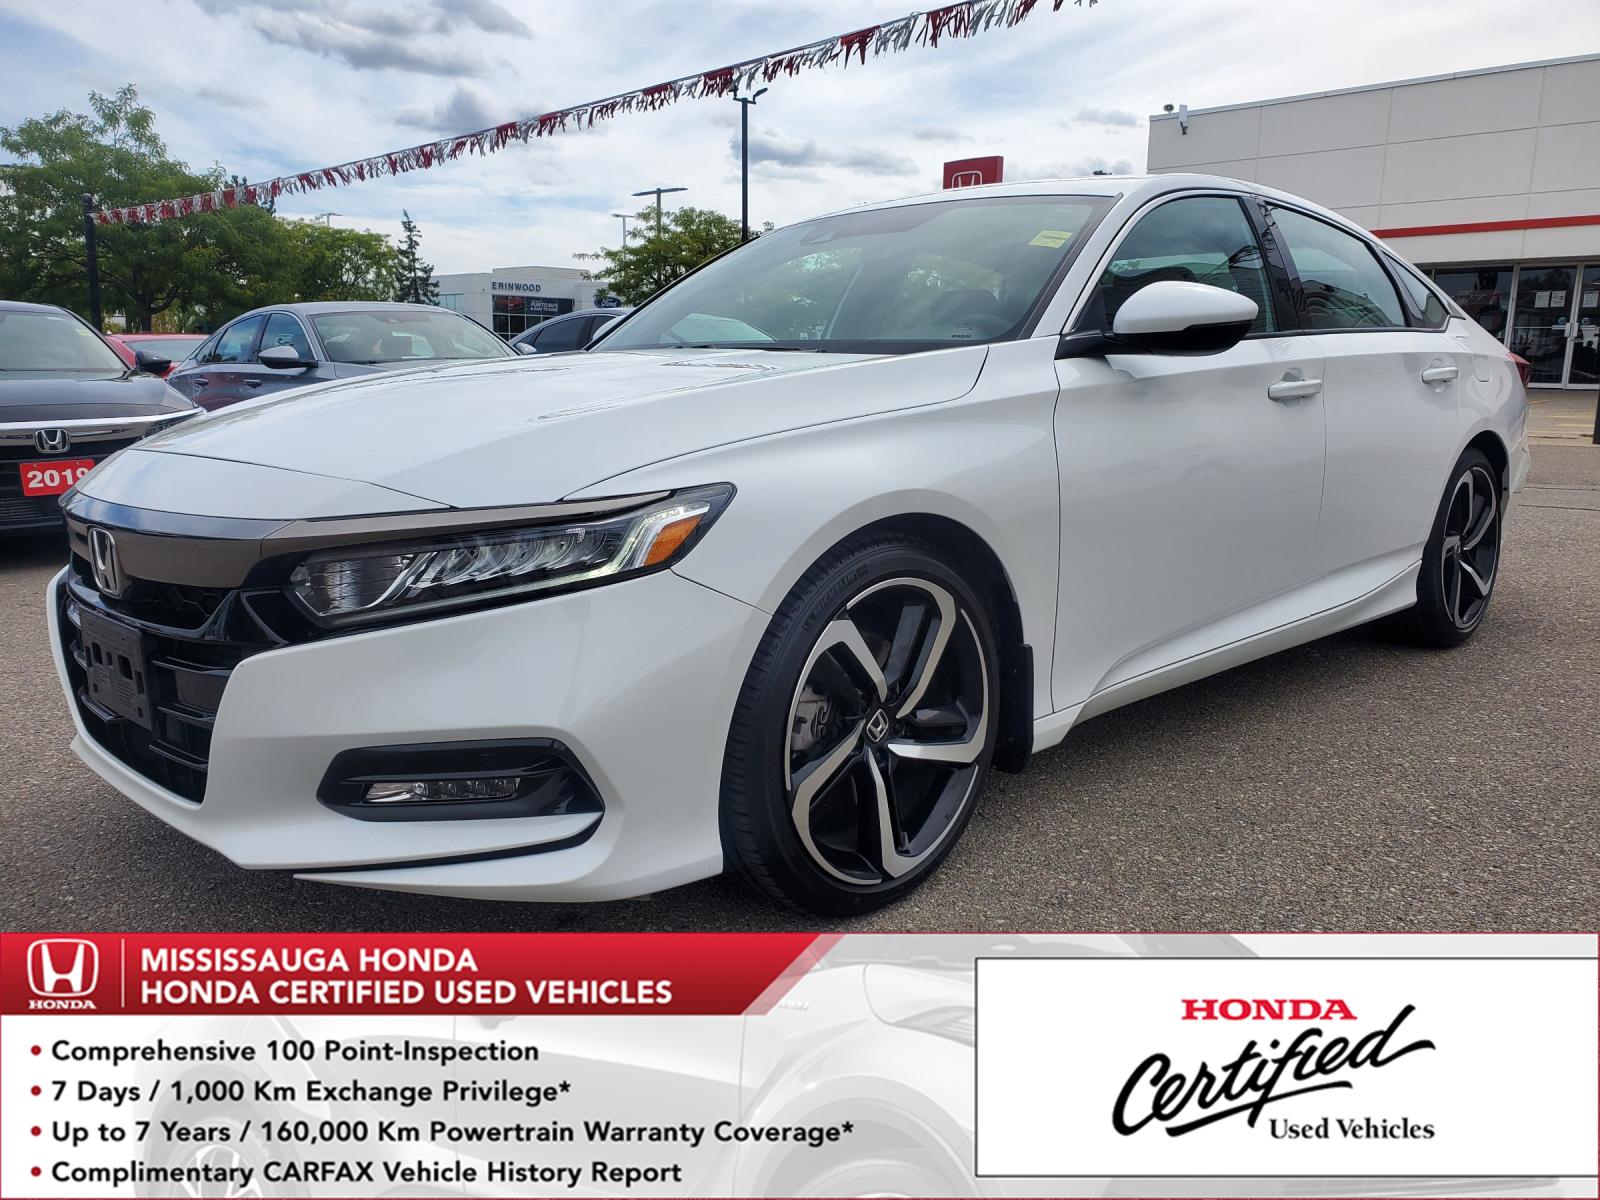 2018 Honda Accord Image